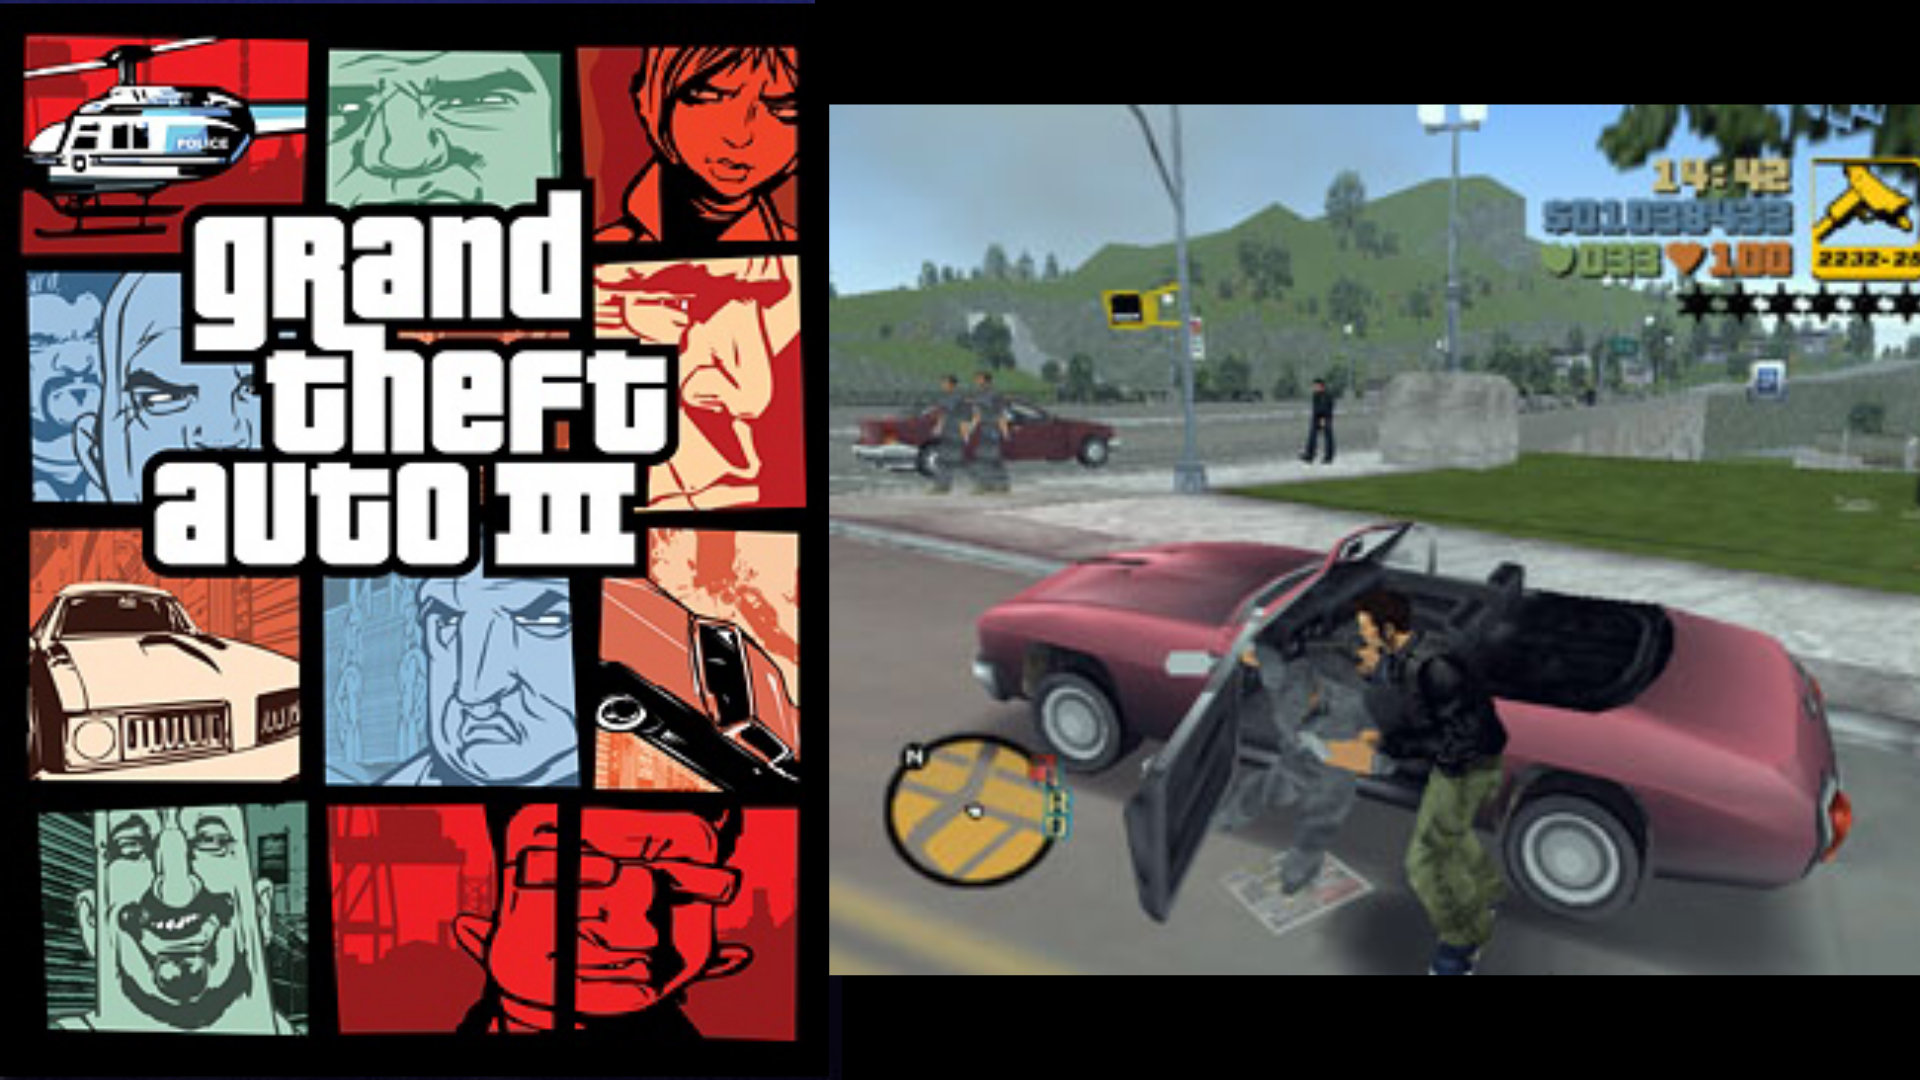 """Claude eilt durch das fiktionale Liberty City wie er und der Spieler wollen: Grand Theft Auto III wartet mit einer filmreifen Handlung auf, aber der wahre Reiz war und ist die offene Welt und das Ausleben ihrer vielen """"Gestaltungsmöglichkeiten"""". (Bild: Andreas Wanda)"""